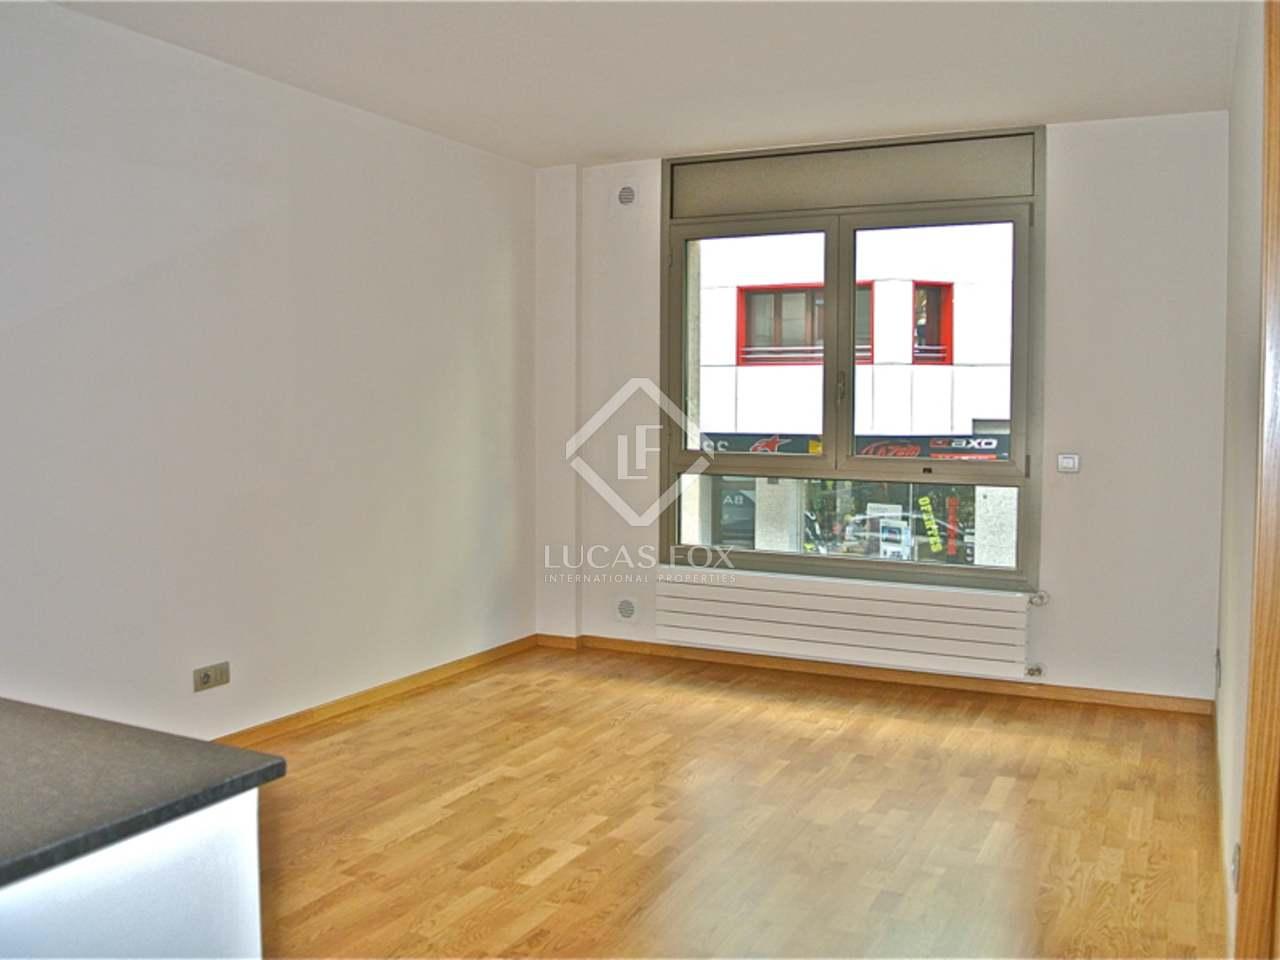 45m wohnung zum verkauf in andorra la vella andorra. Black Bedroom Furniture Sets. Home Design Ideas